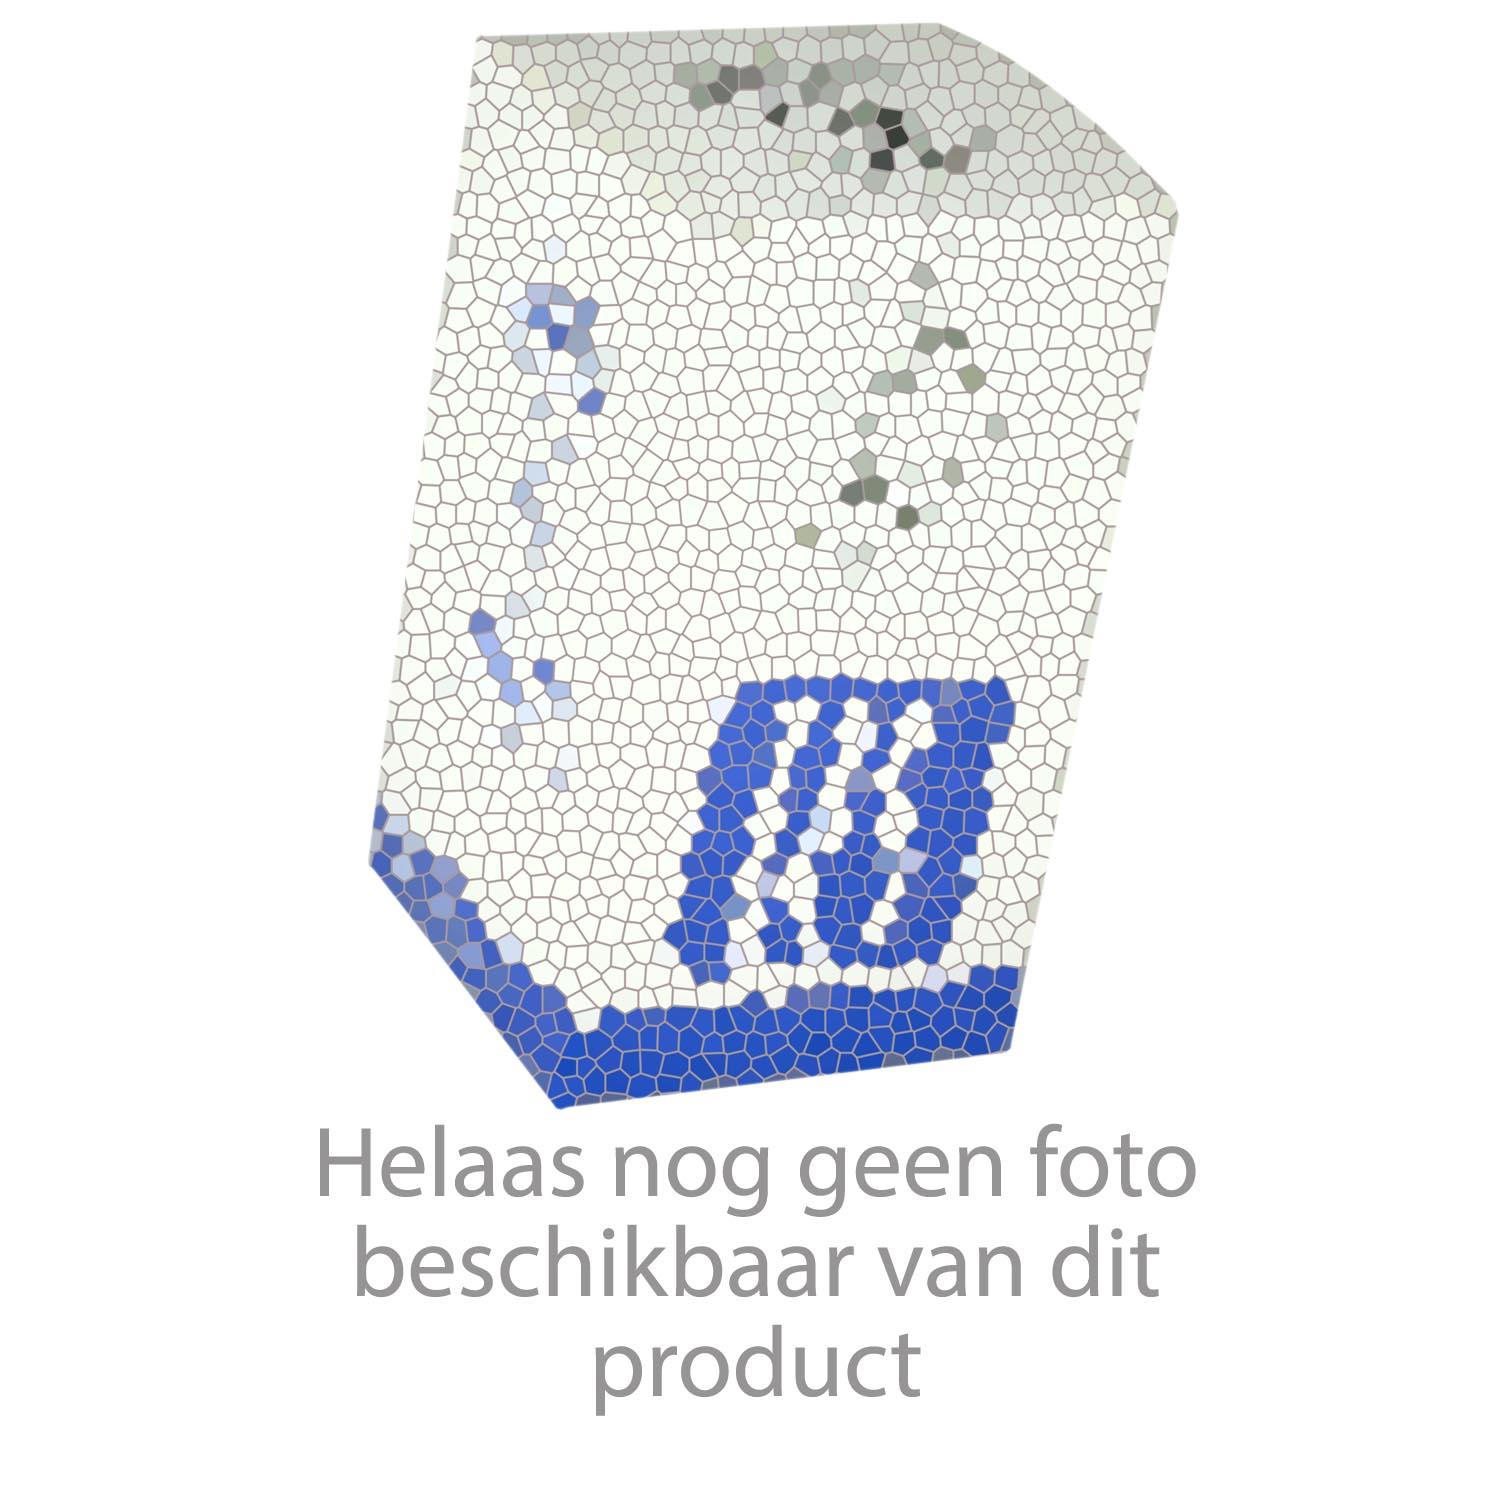 HansGrohe Keukenmengkranen Allegra Uno productiejaar > 06/01 14852 onderdelen